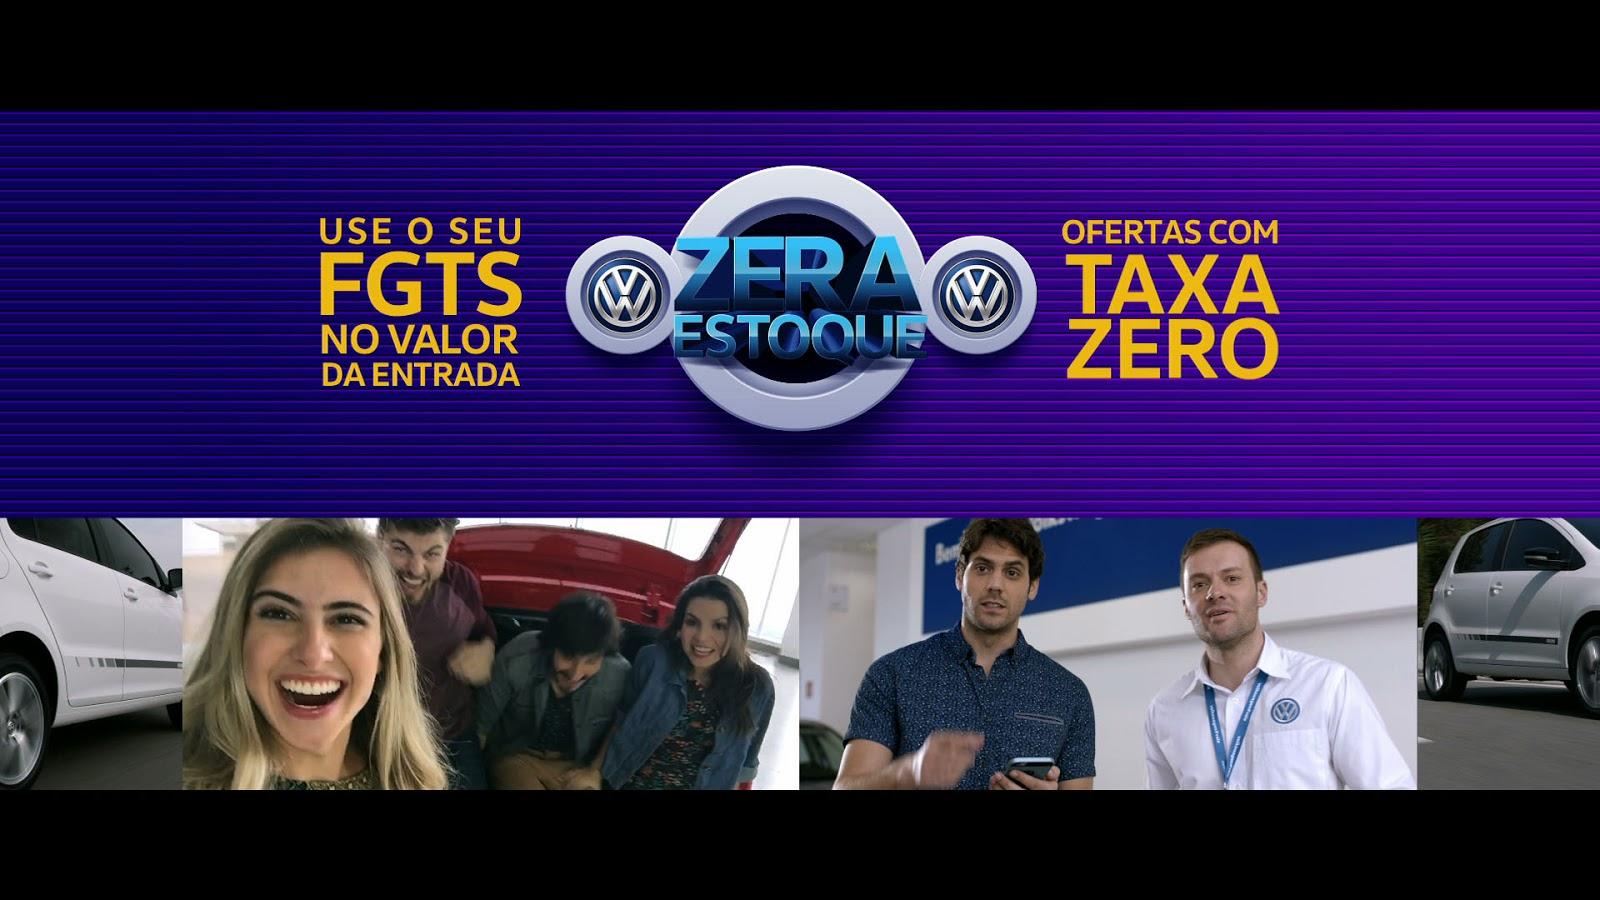 Volkswagen realiza operação Zera Estoque com facilidades para quem aproveitar o dinheiro do FGTS